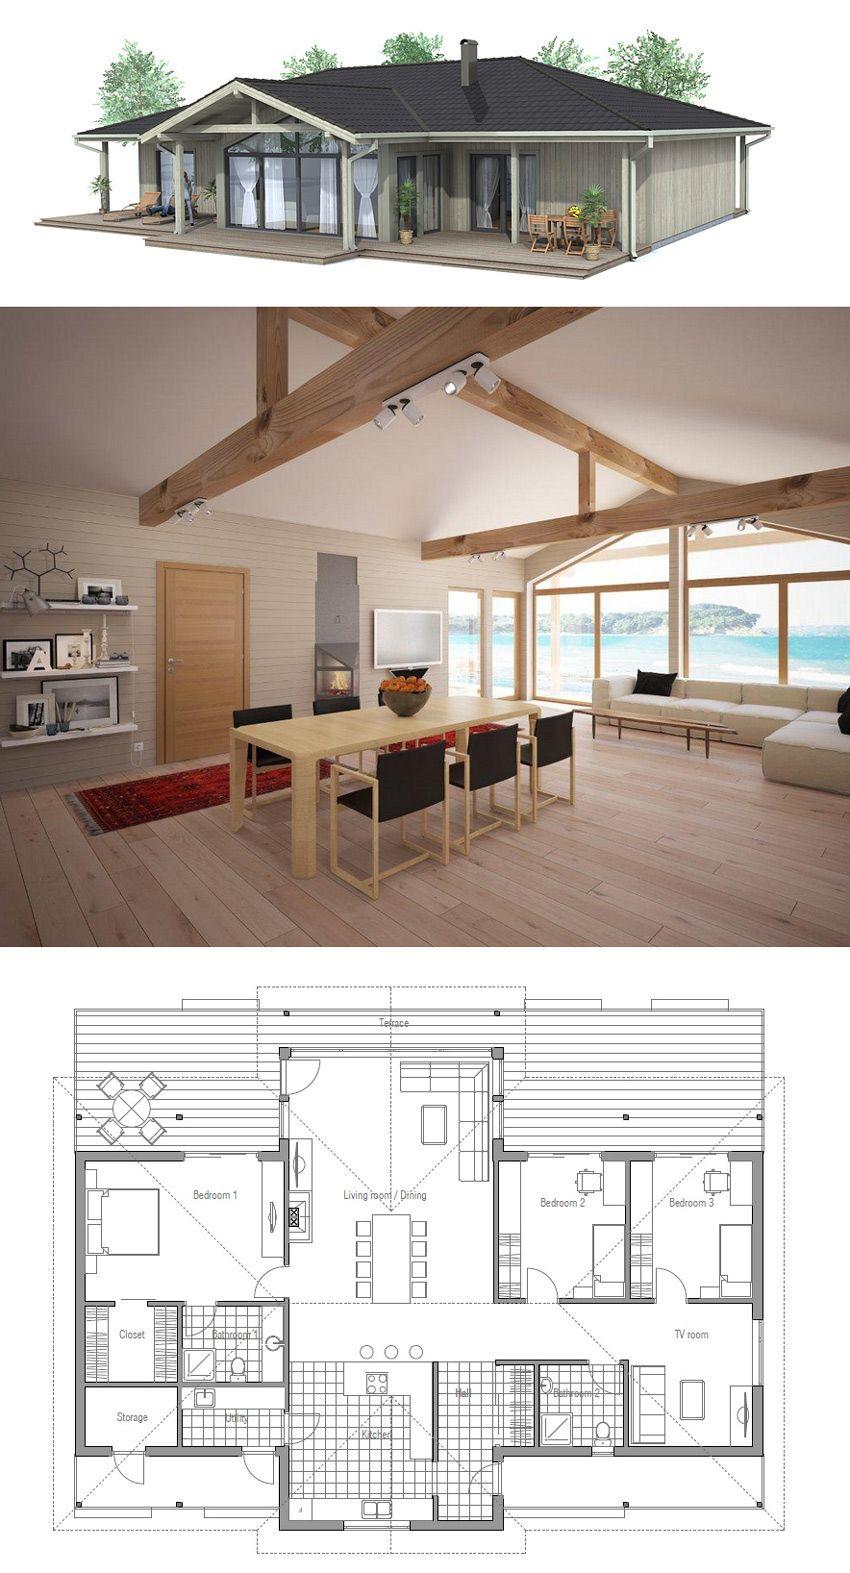 Einfache moderne hausdesignpläne small house plan  house  pinterest  grundrisse traumhäuser und